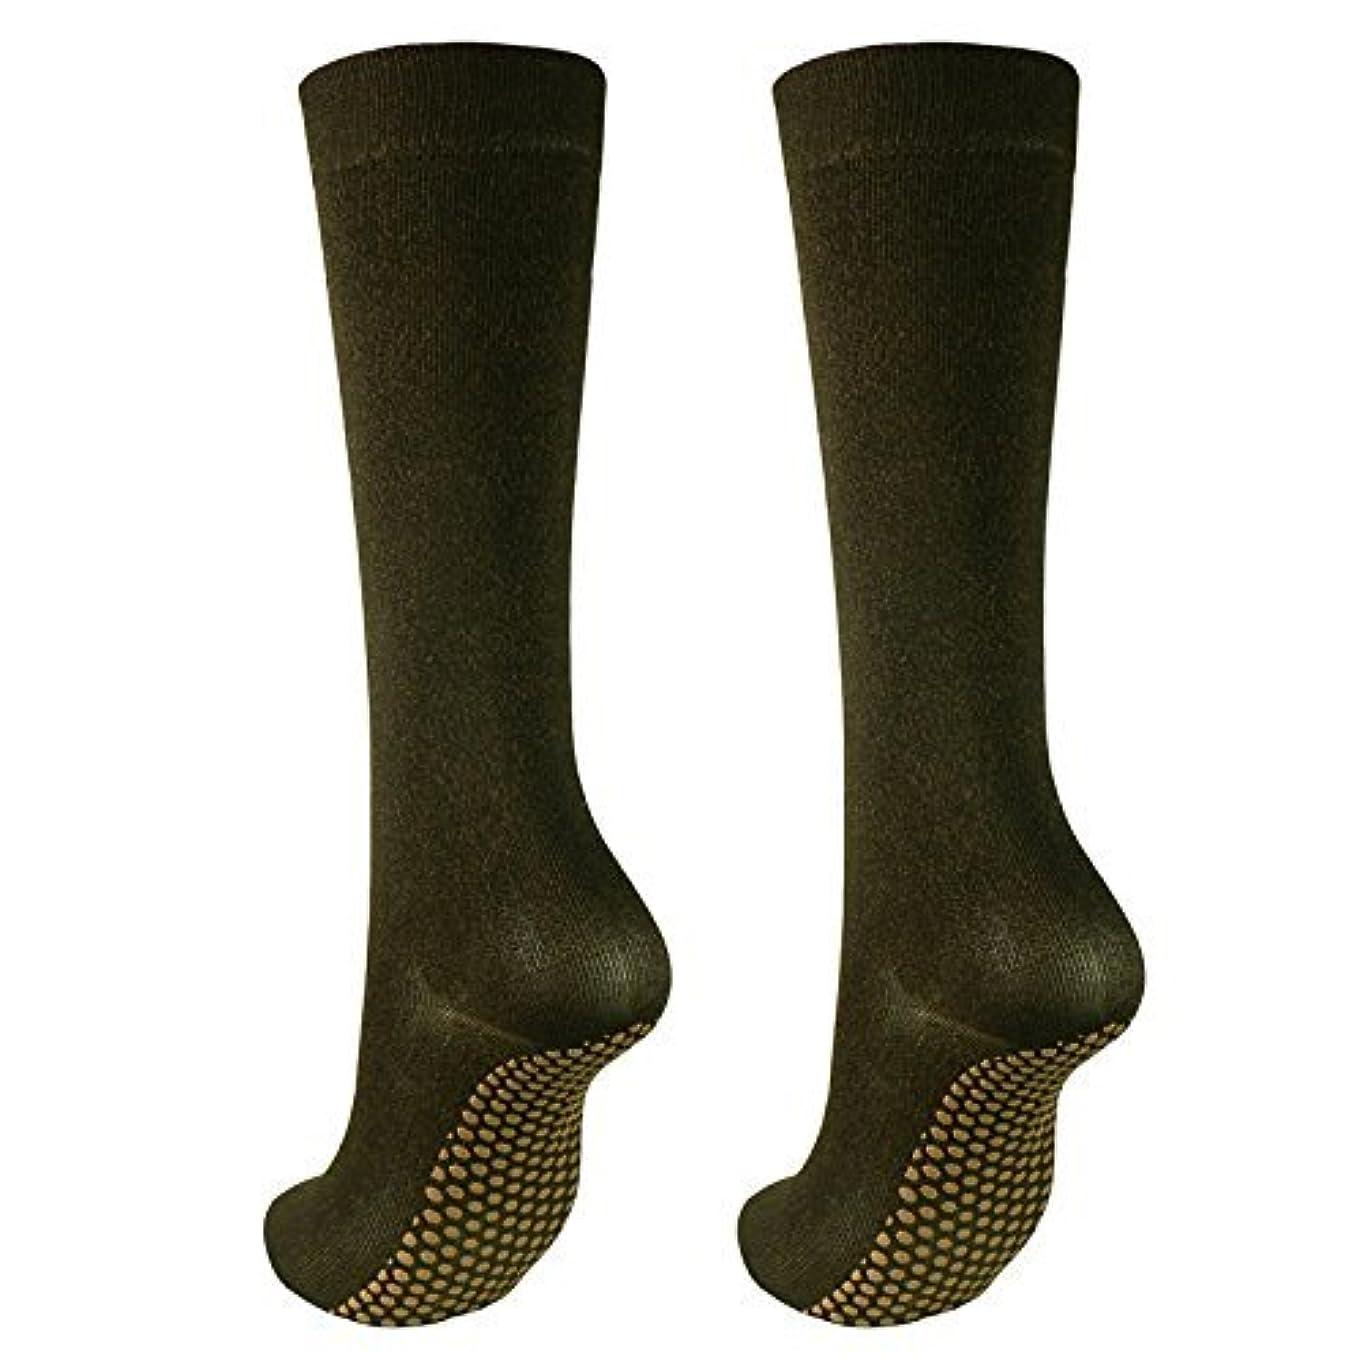 呼ぶドック判読できない銅繊維靴下「足もとはいつも青春」ハイソックスタイプ2足セット?静電気対策にも